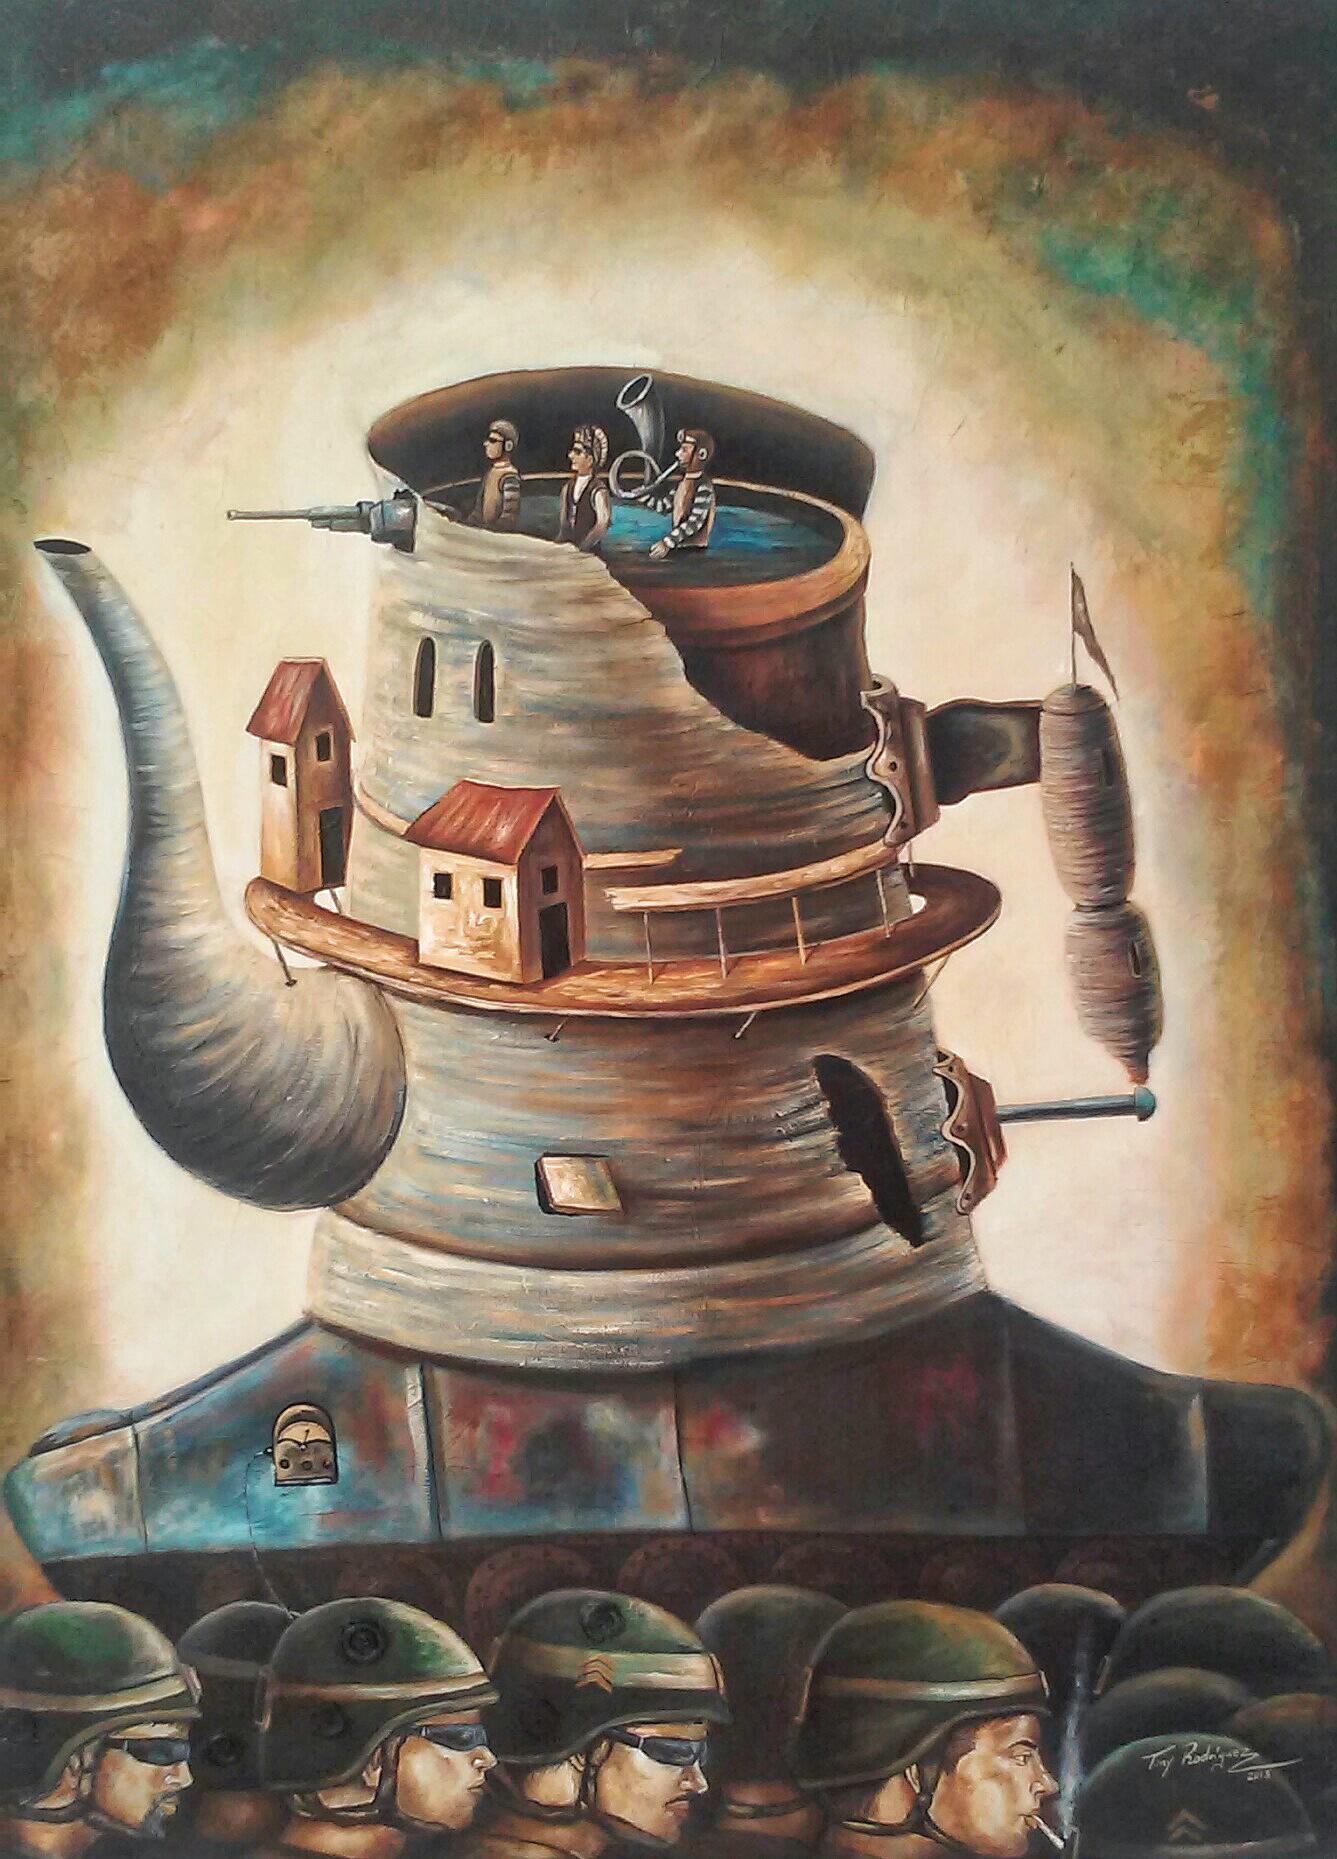 La invasión de los Tanques-cafetera. (2013) - Juan Antonio Rodriguez Olivares - Tony Rodriguez